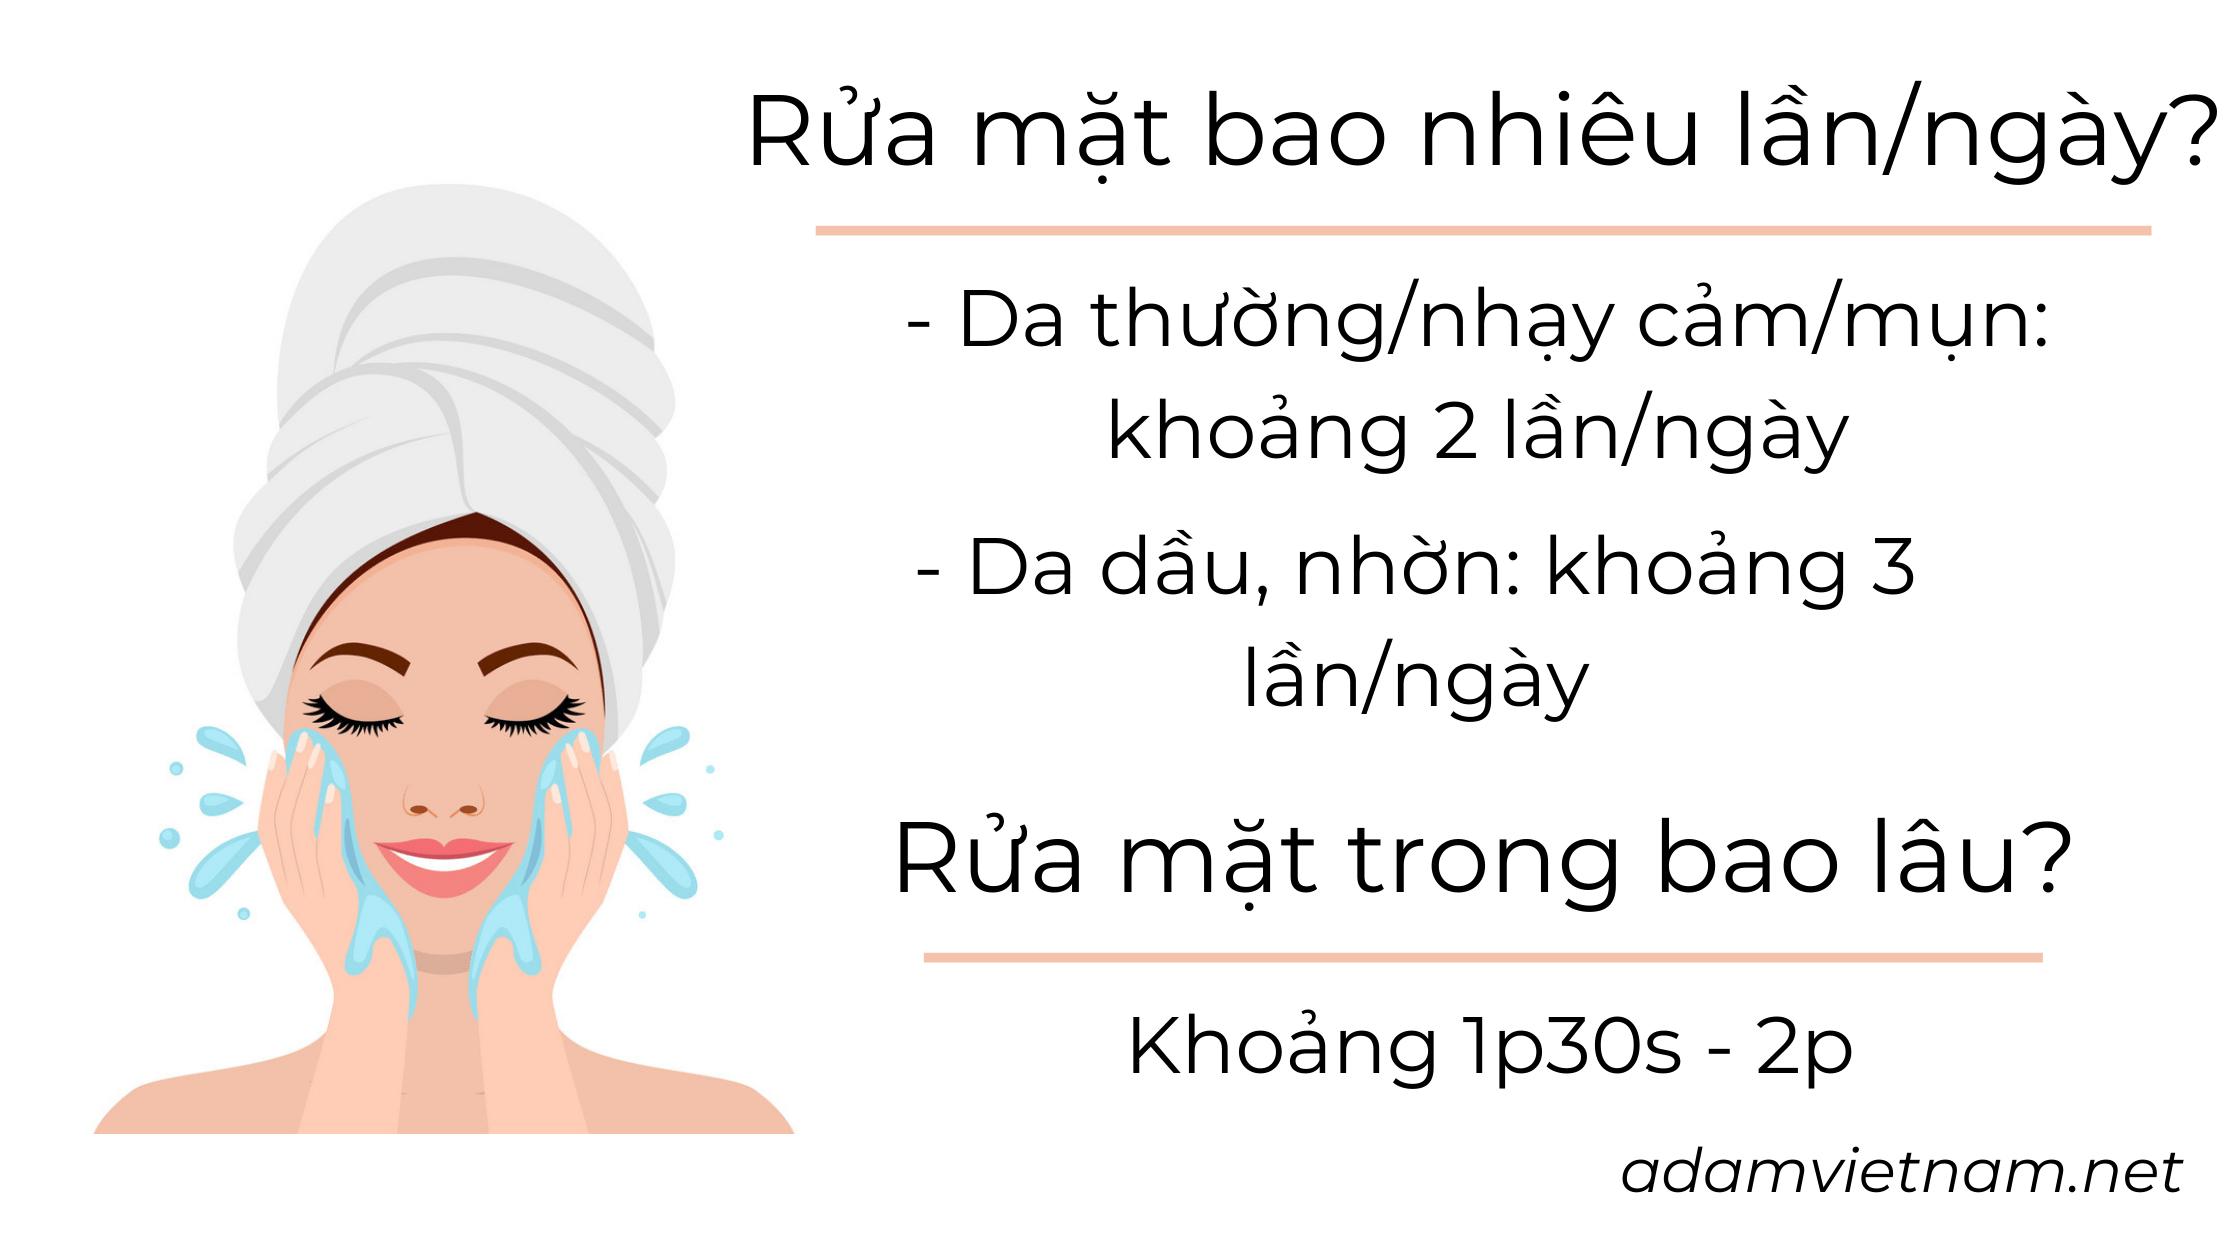 rửa mặt bao nhiêu lần 1 ngày